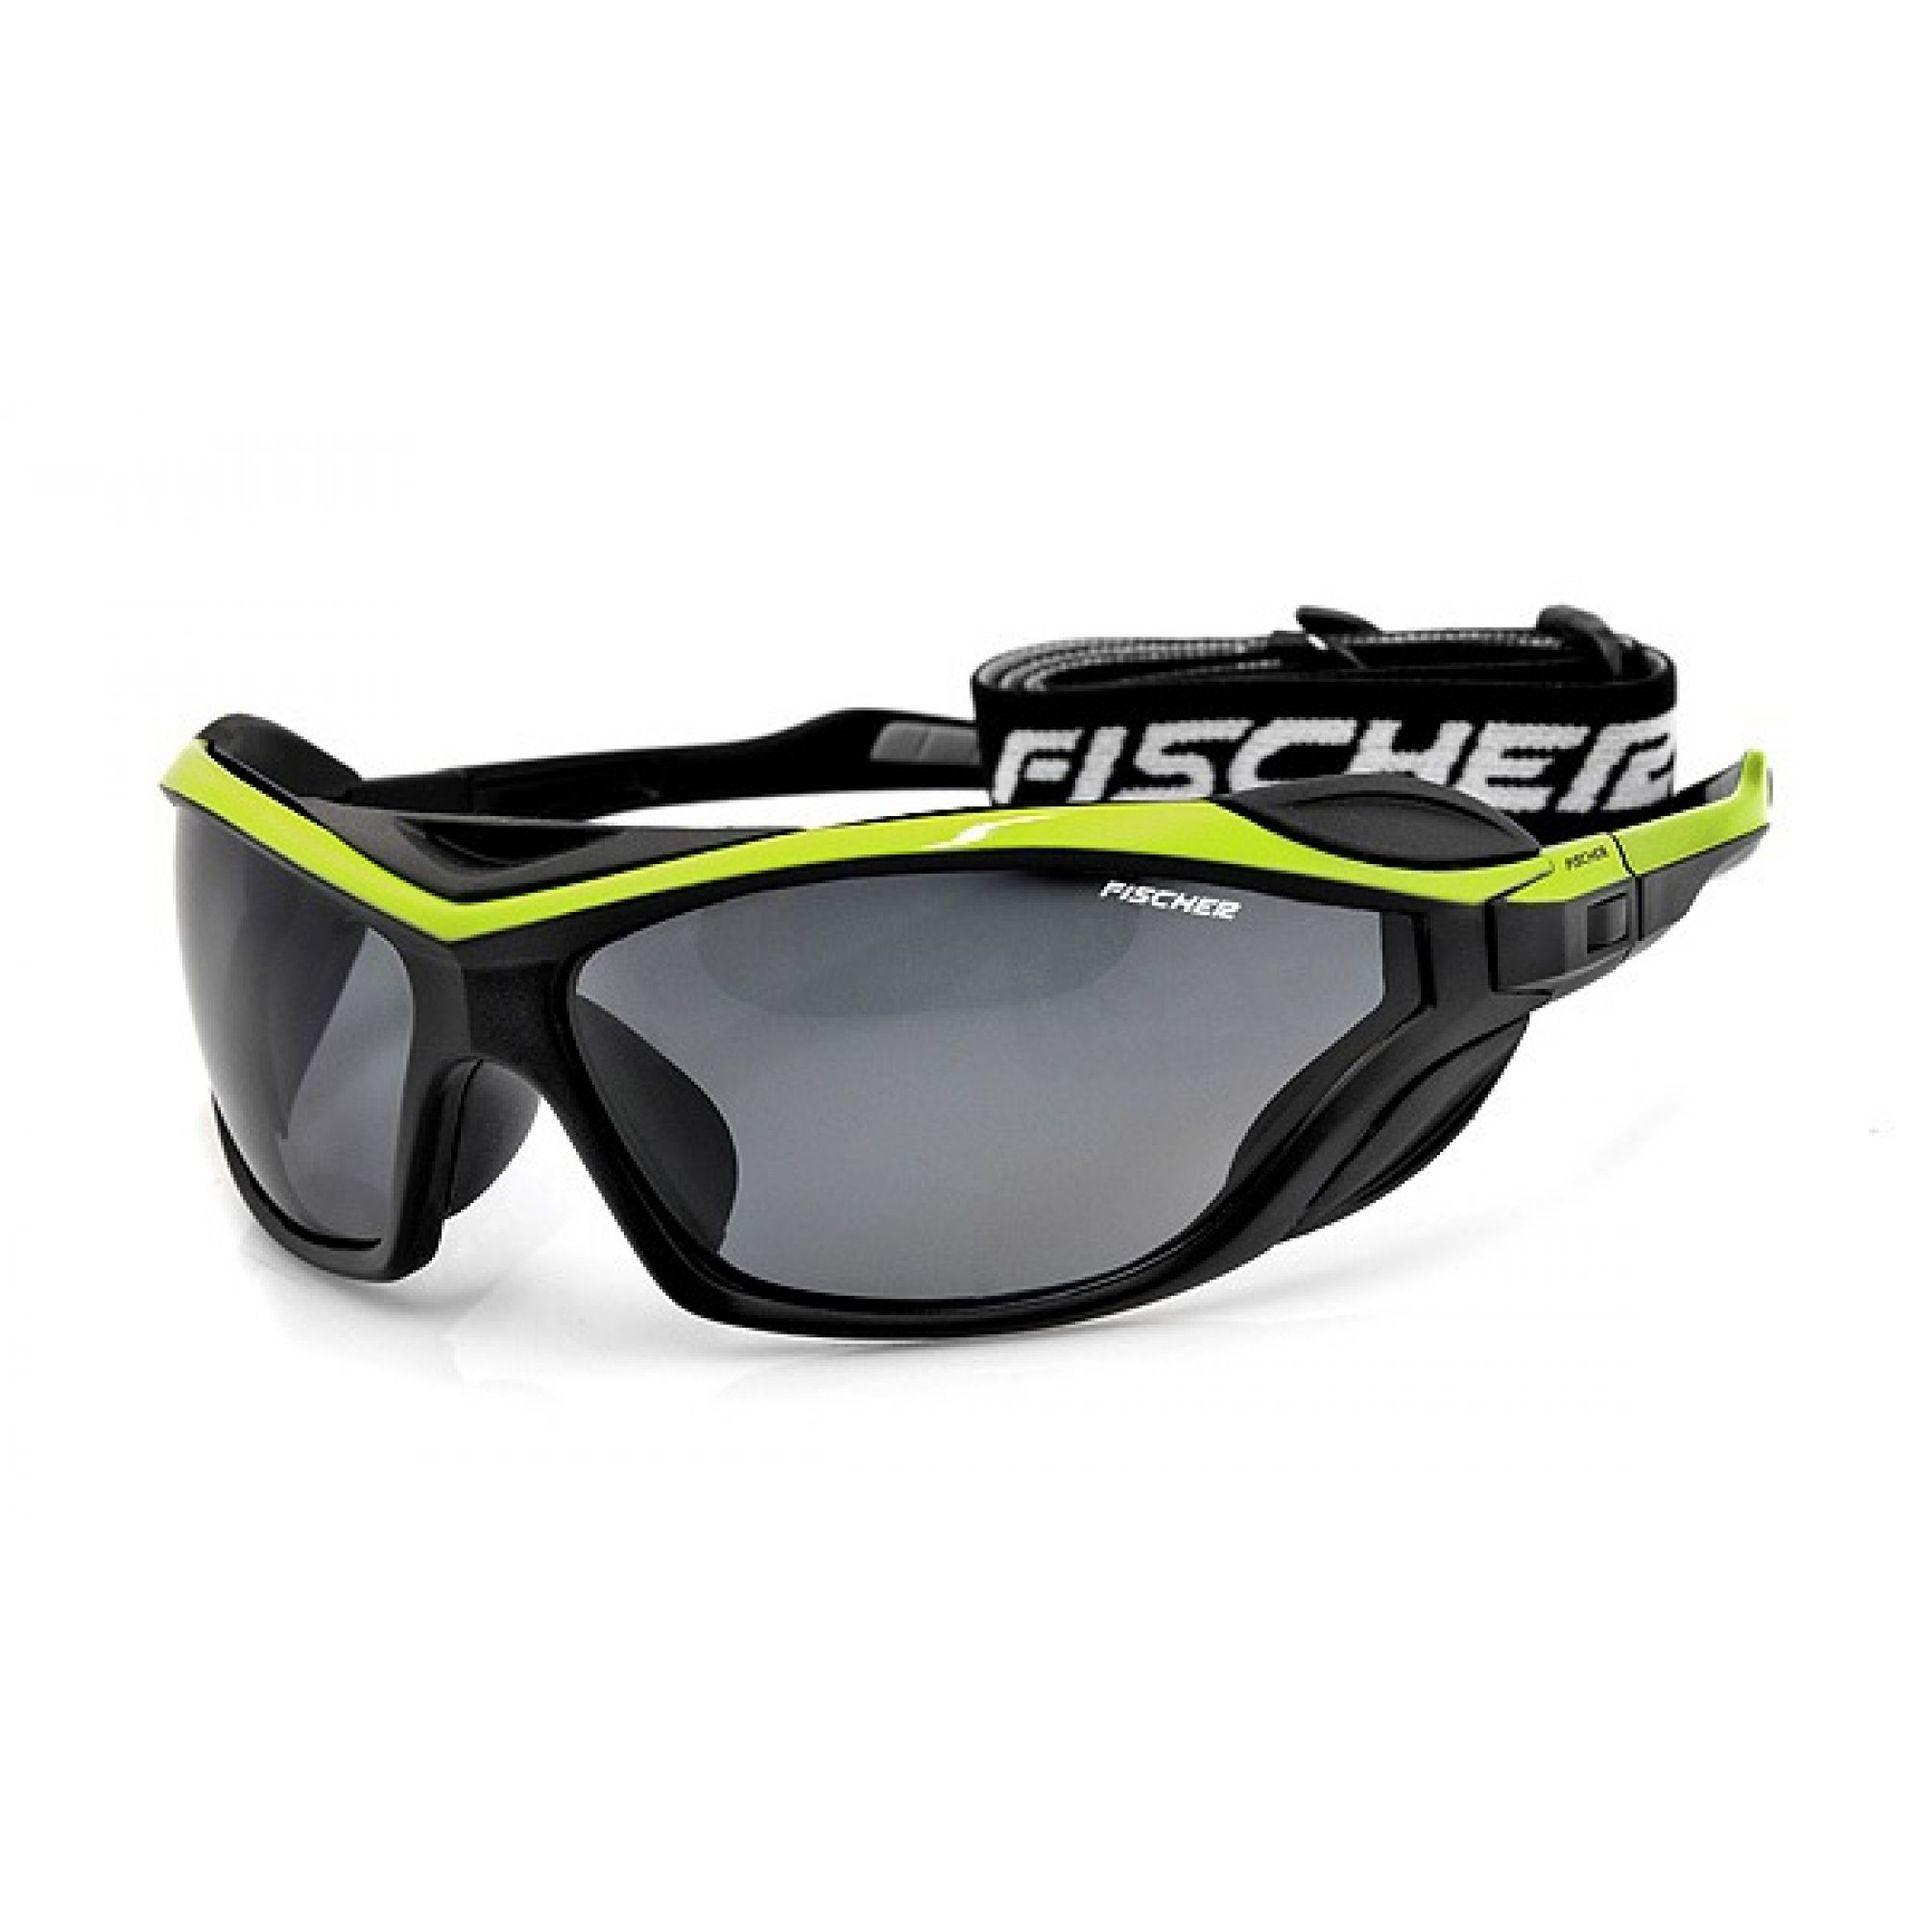 Okulaty Fischer FS19  czarny zielony